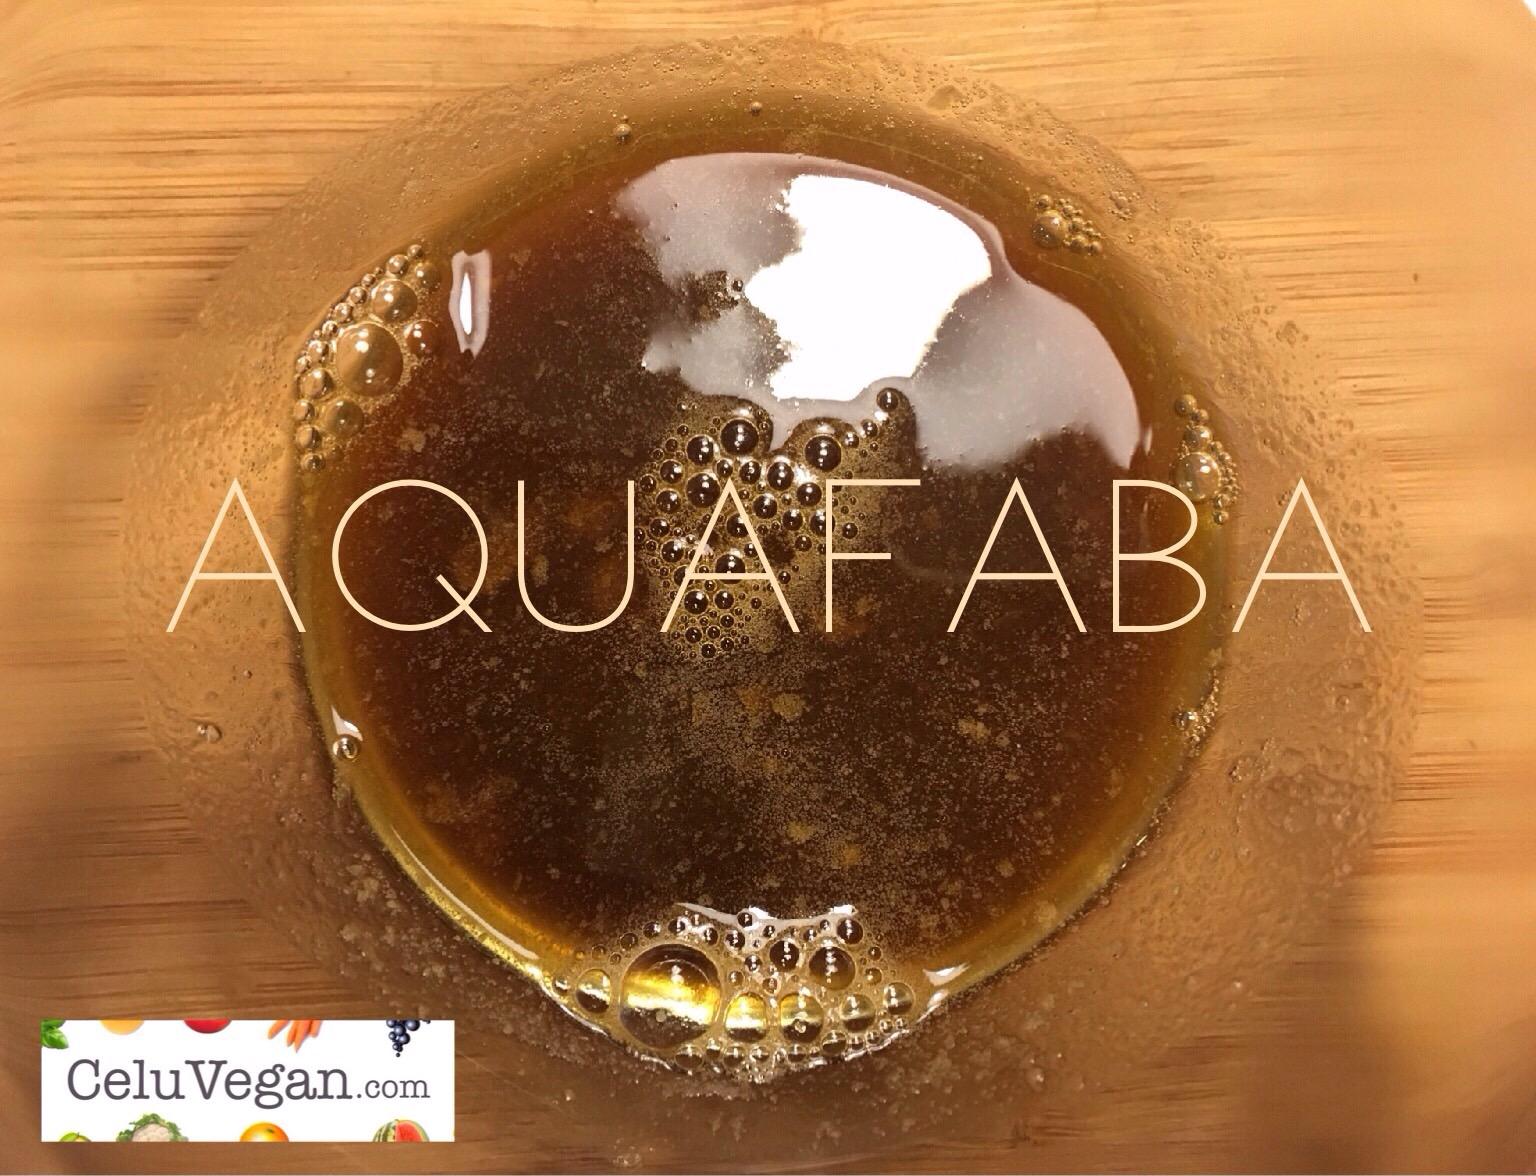 Aquafaba-la-clara-de-huevo-vegana